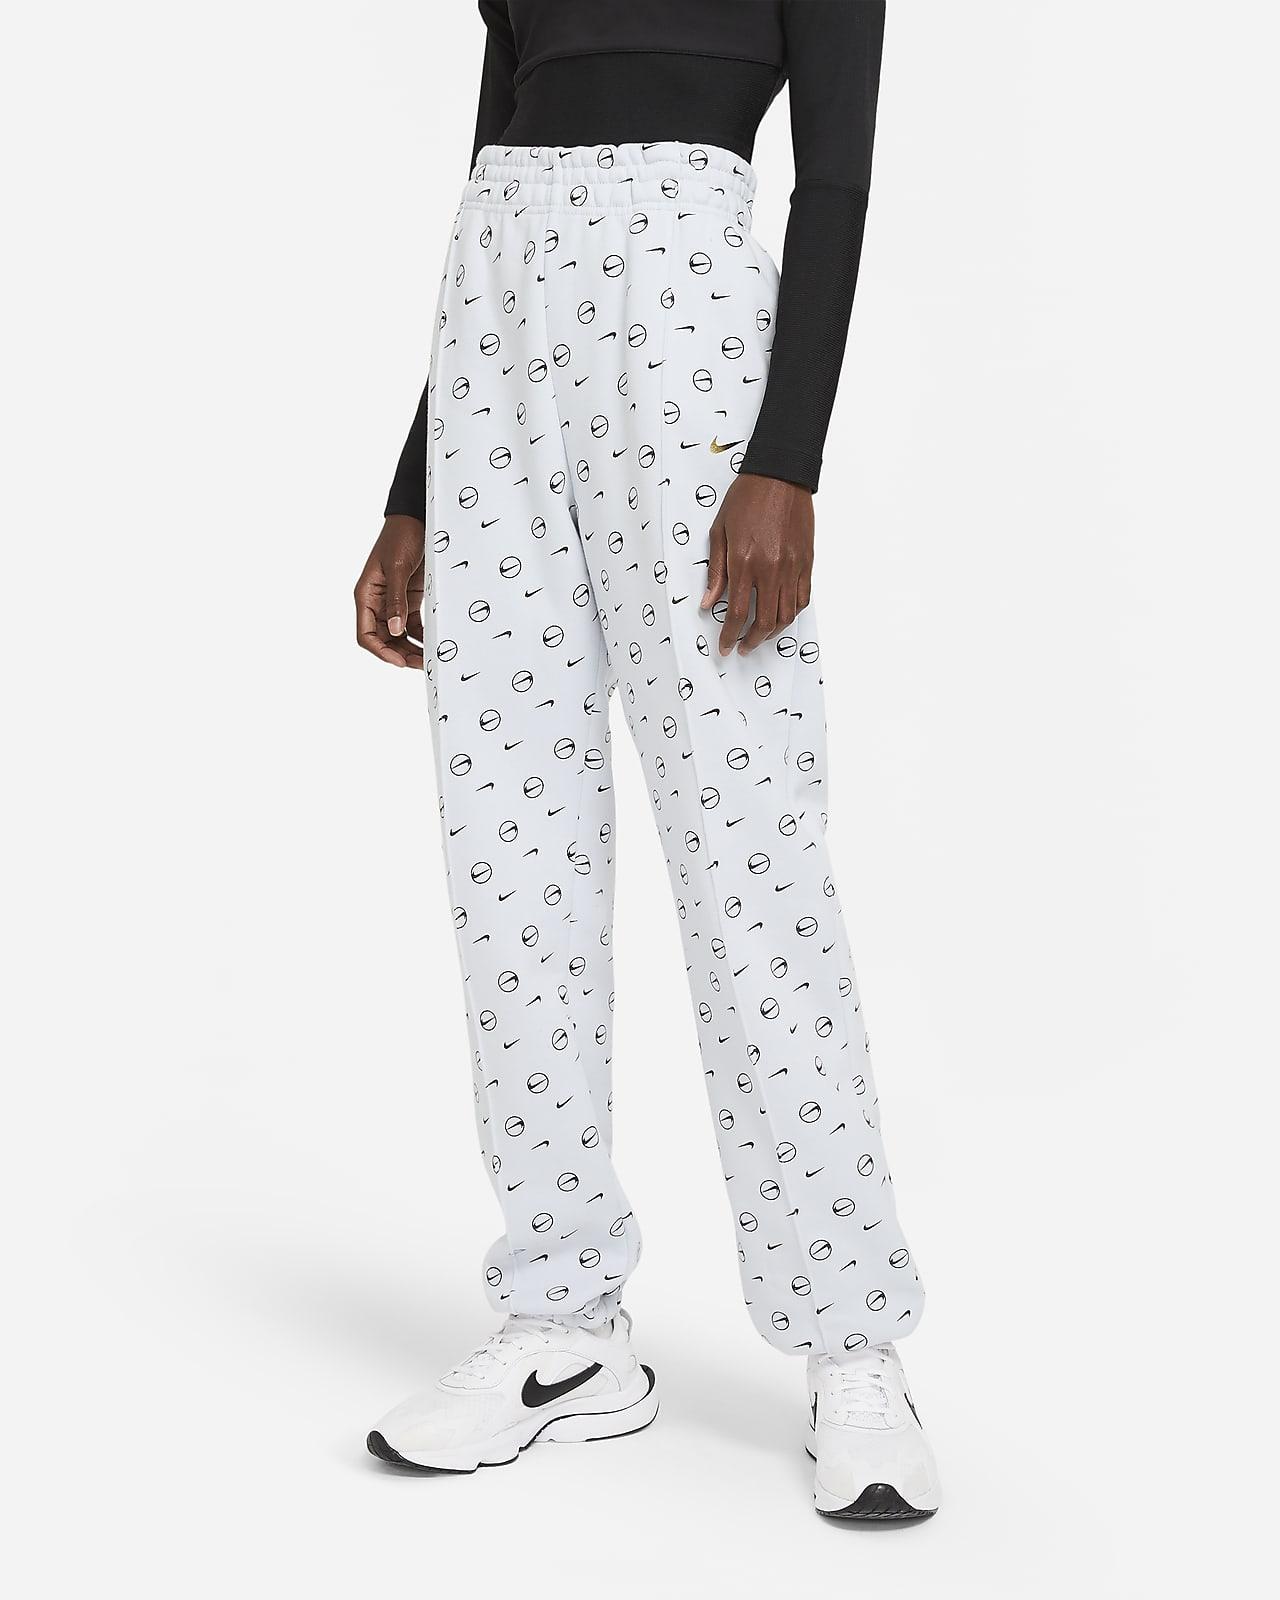 Nike Sportswear Women's Printed Trousers